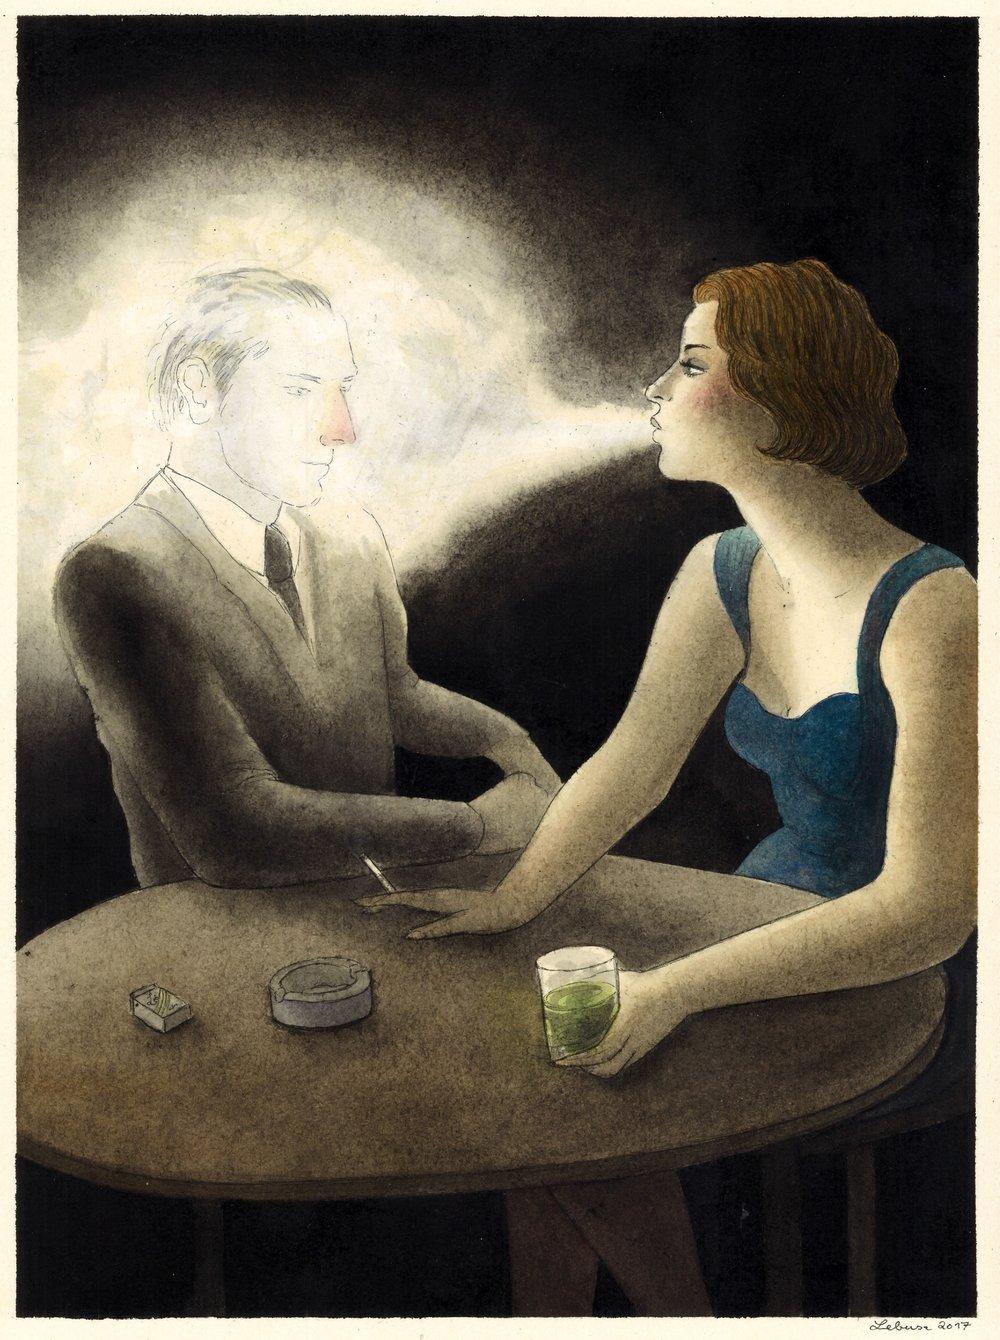 Corinne von Lebusa, Man in Fog, 2017, Zeichnung, Aquarell und Lack auf Karton, 40 x 30 cm